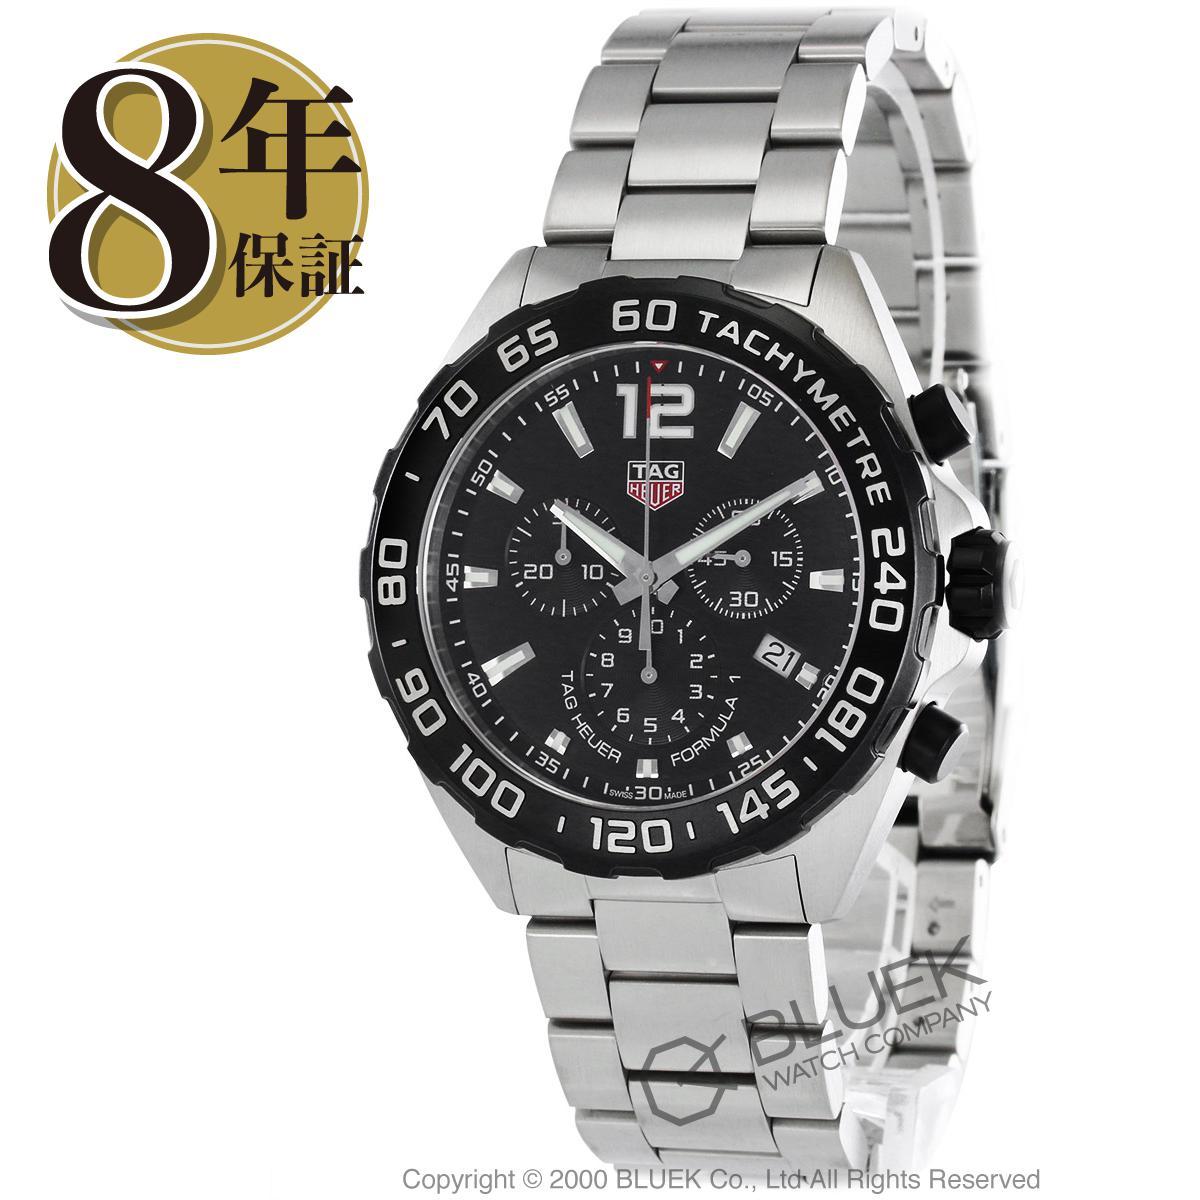 タグホイヤー フォーミュラ1 クロノグラフ 腕時計 メンズ TAG Heuer CAZ1010.BA0842_8